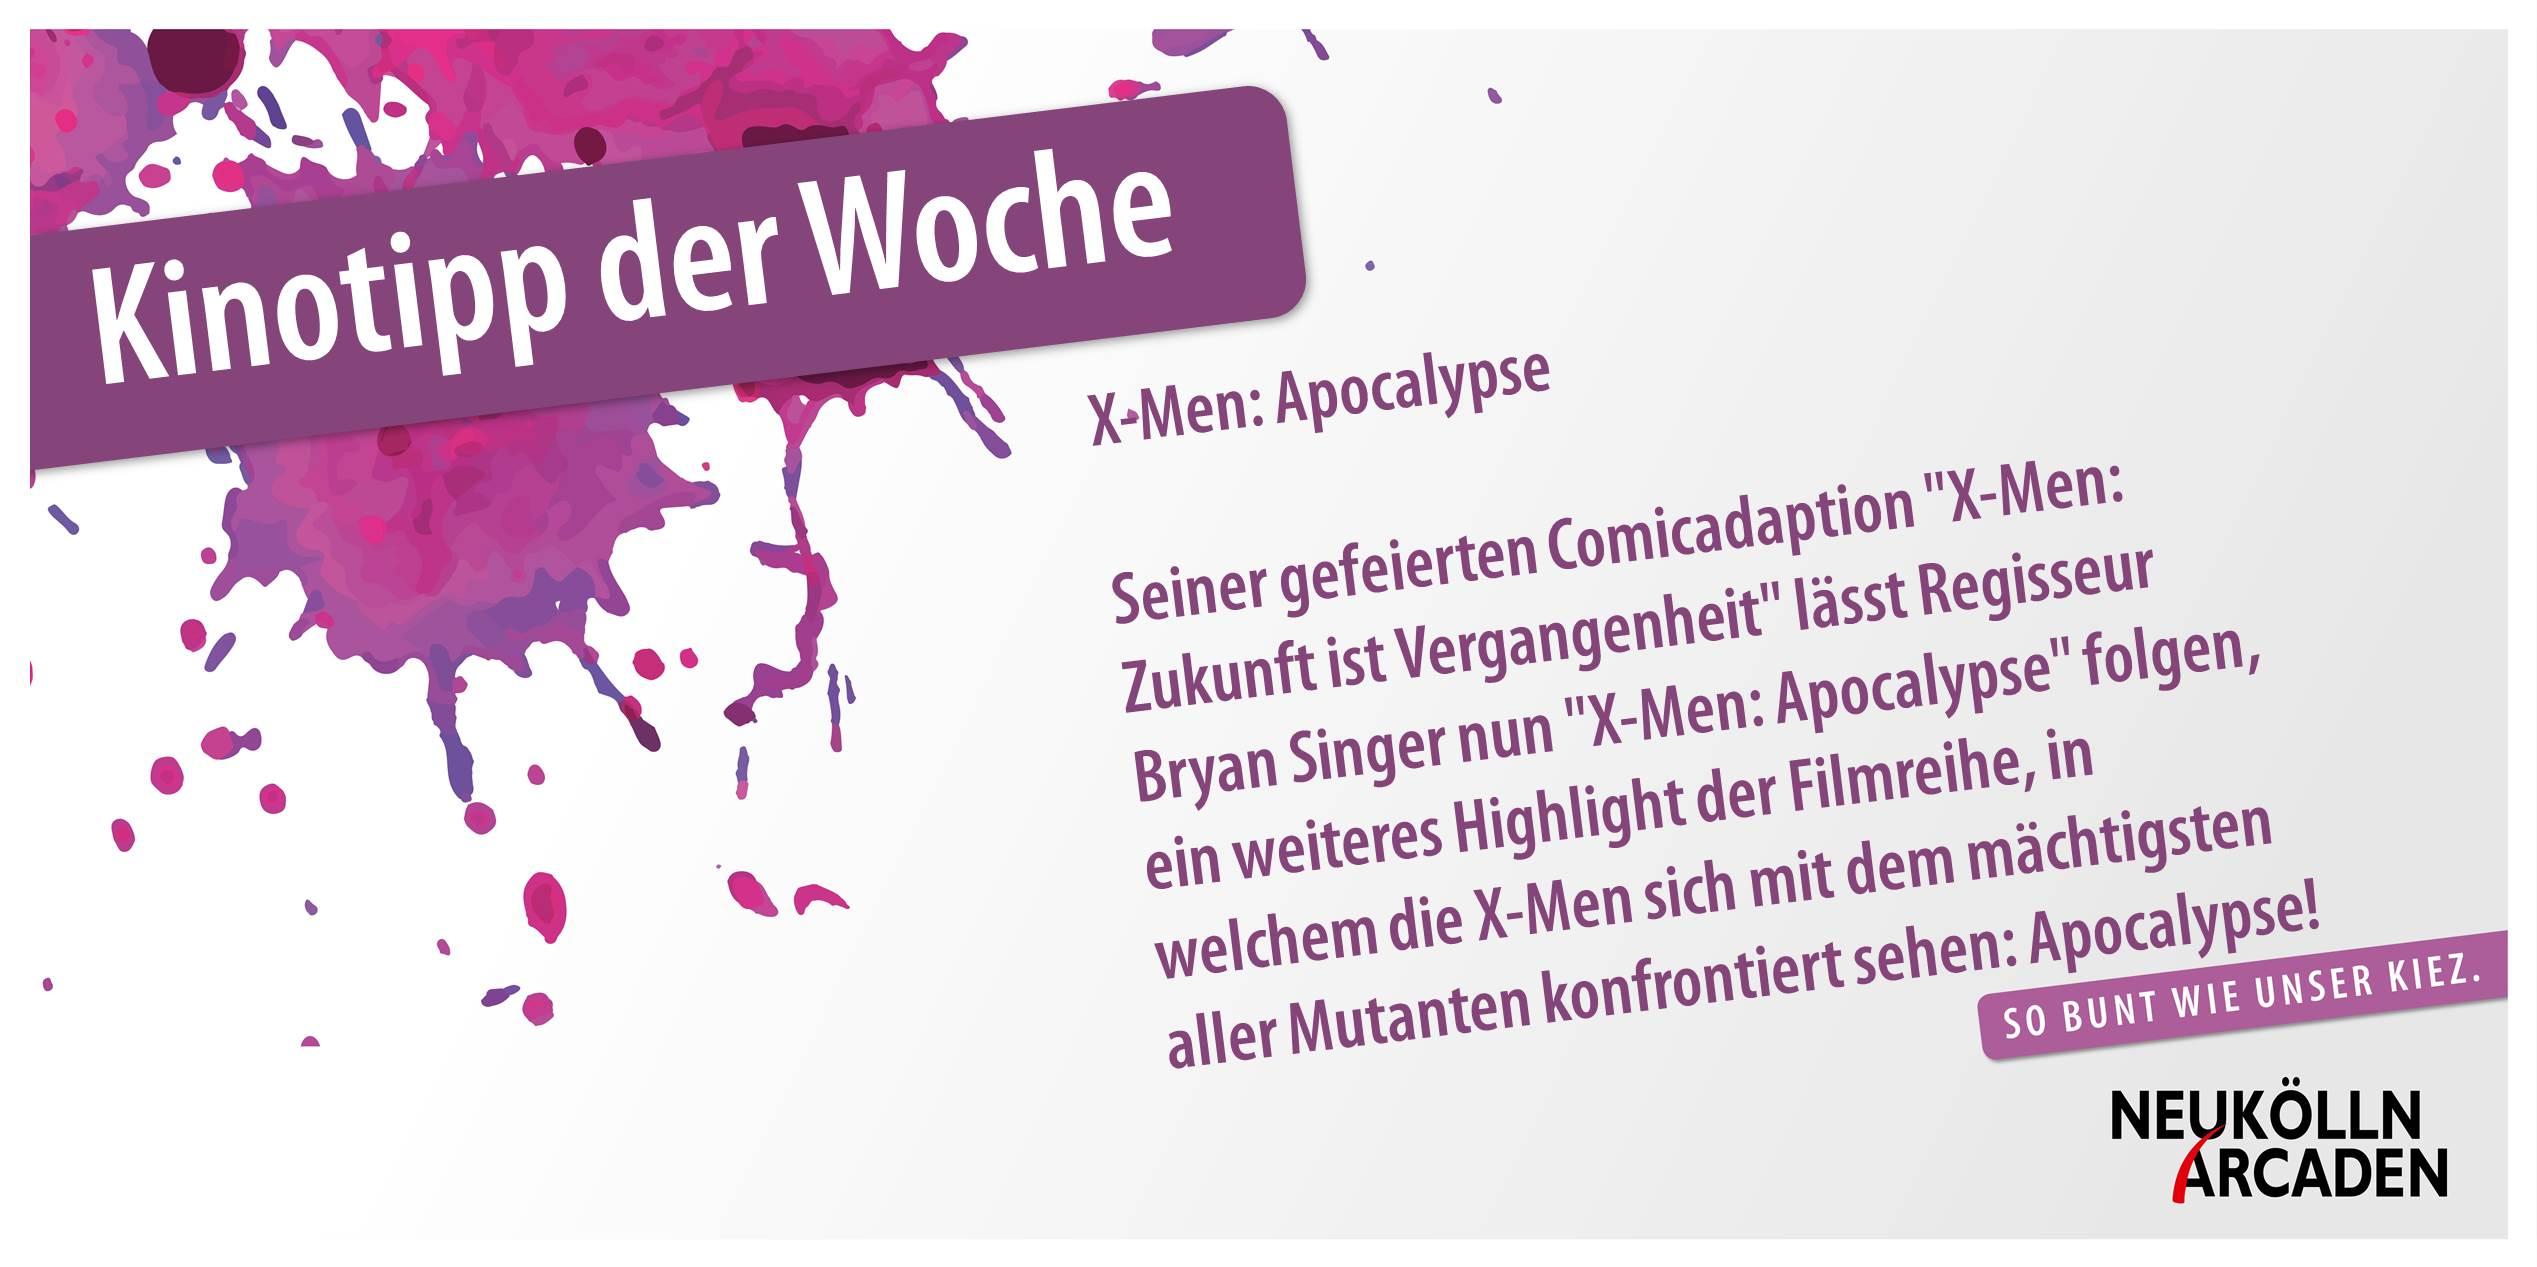 Der Cineplex-Kinotipp der Woche